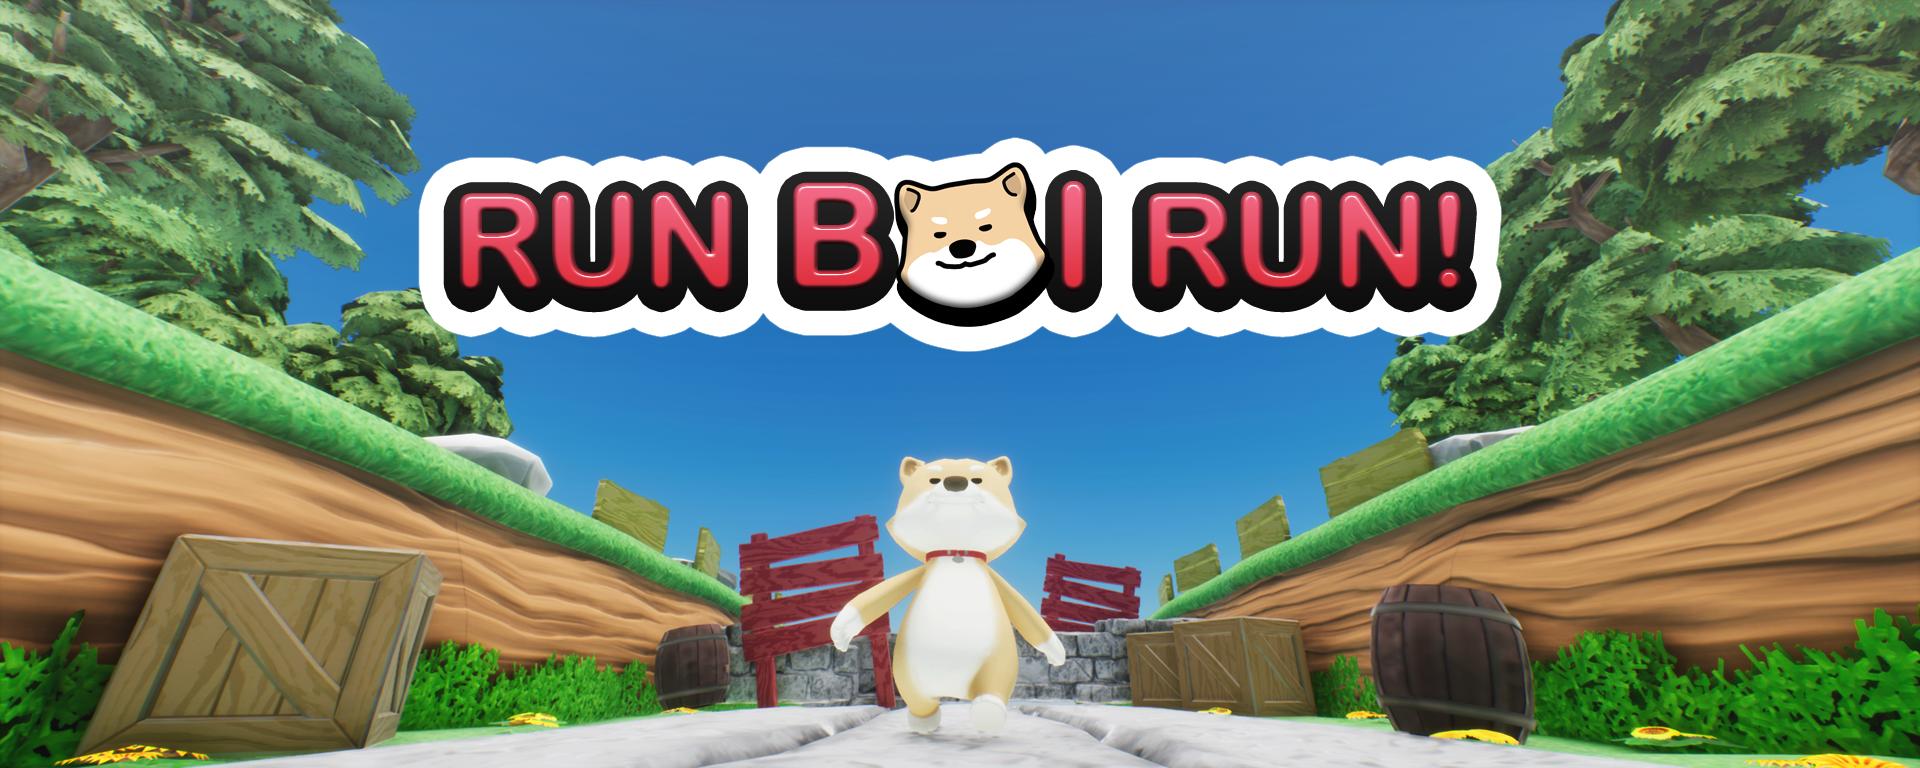 RUN BOI RUN!